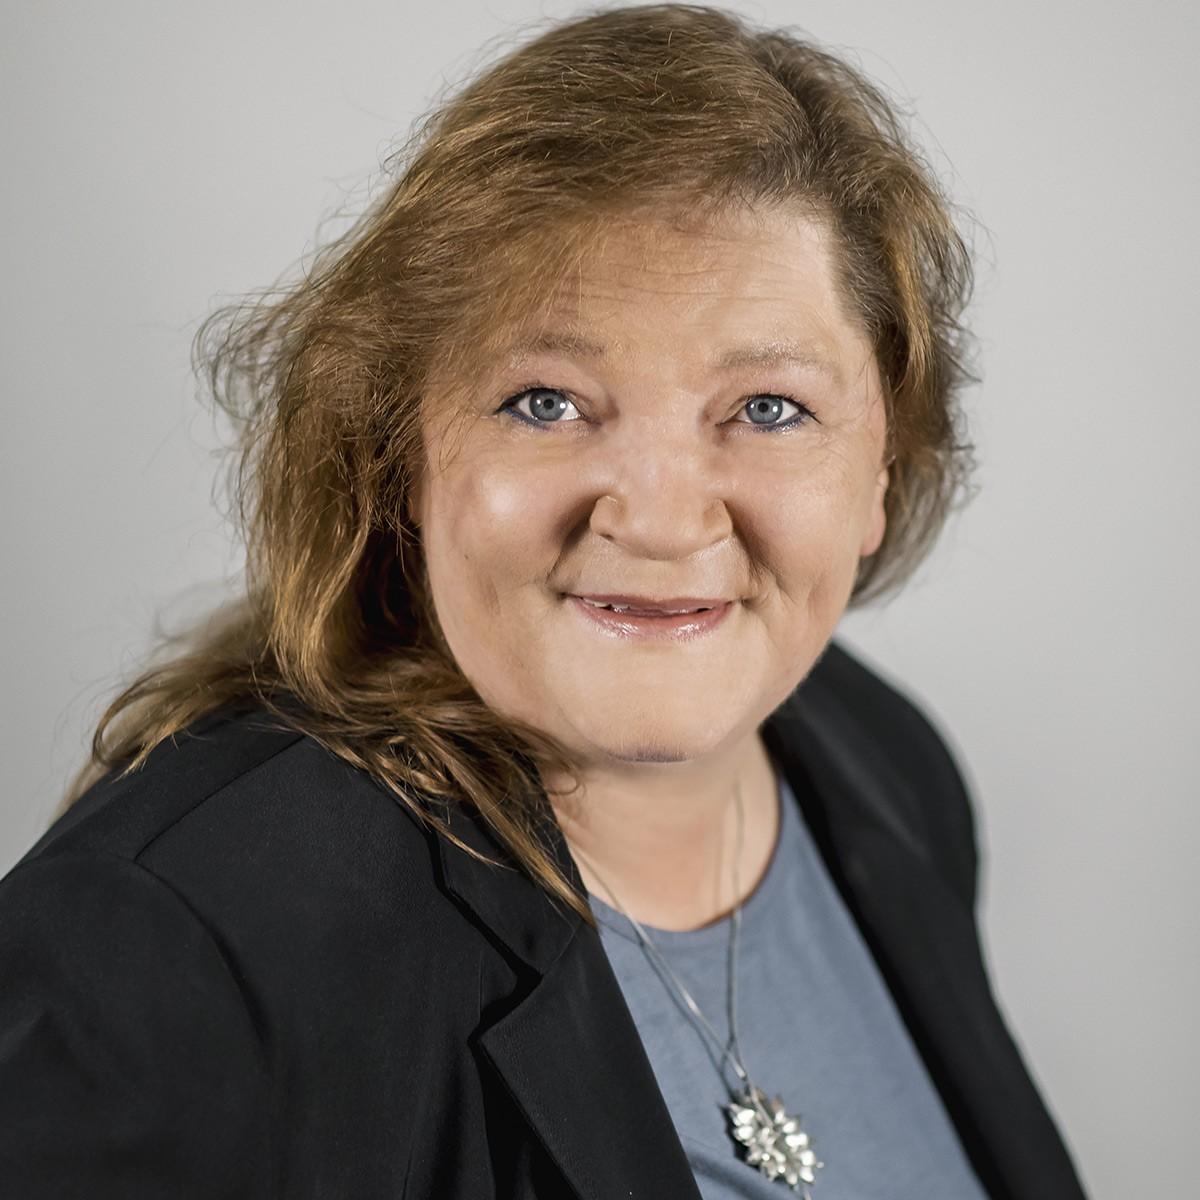 Kirsten Pieczynski